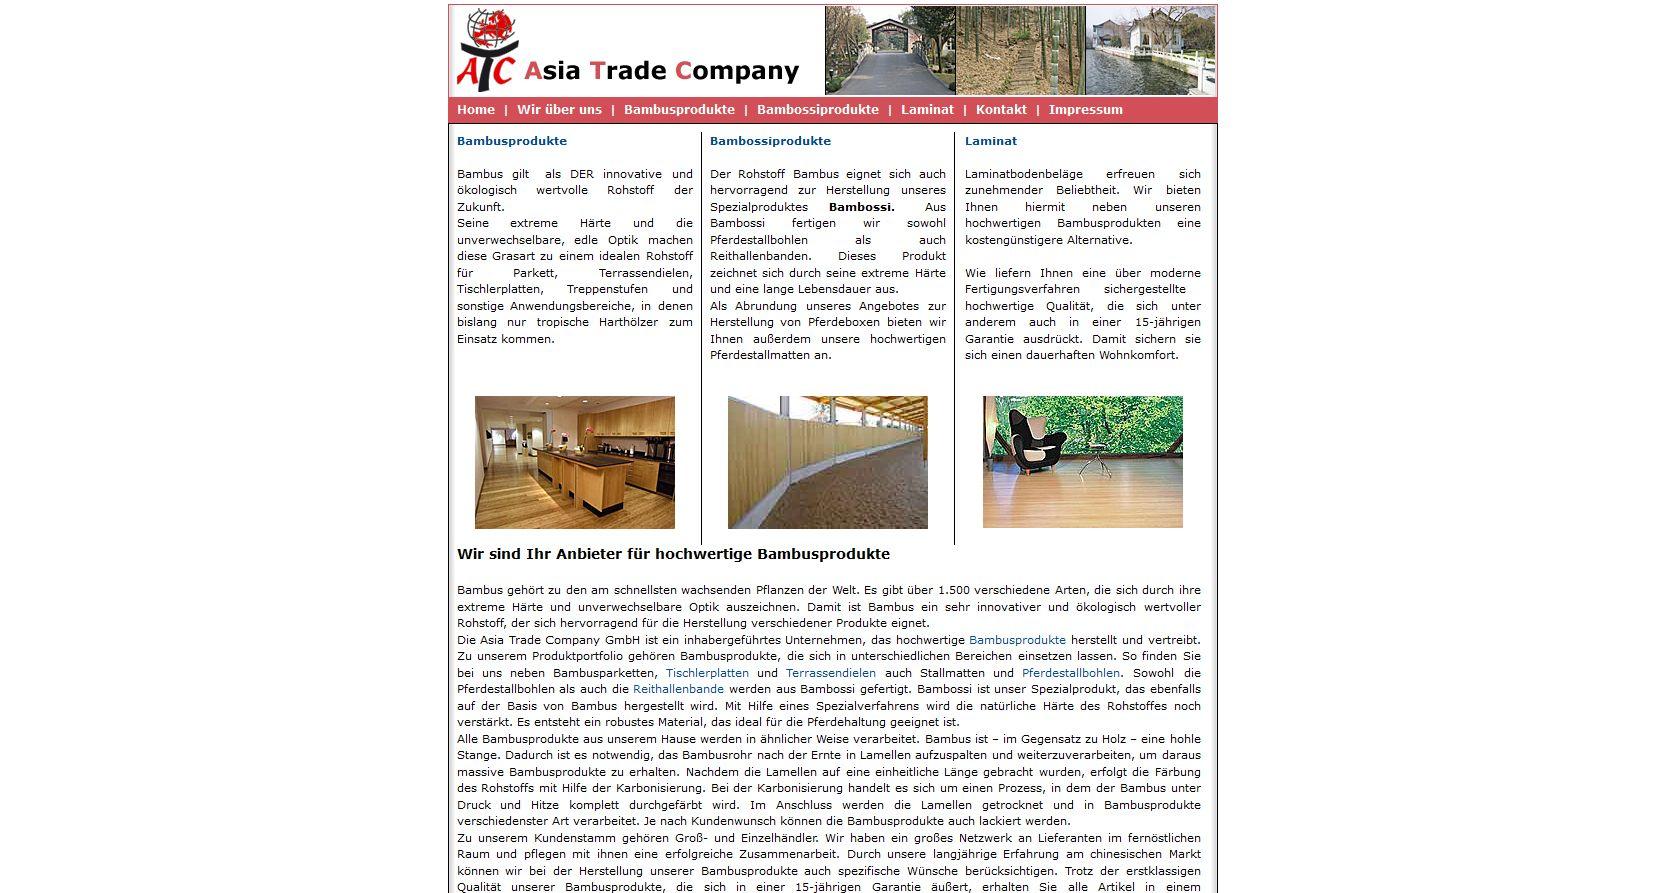 neuer onlineshop f r bambusparkett terrassendielen tischlerplatten blog der internetagentur. Black Bedroom Furniture Sets. Home Design Ideas